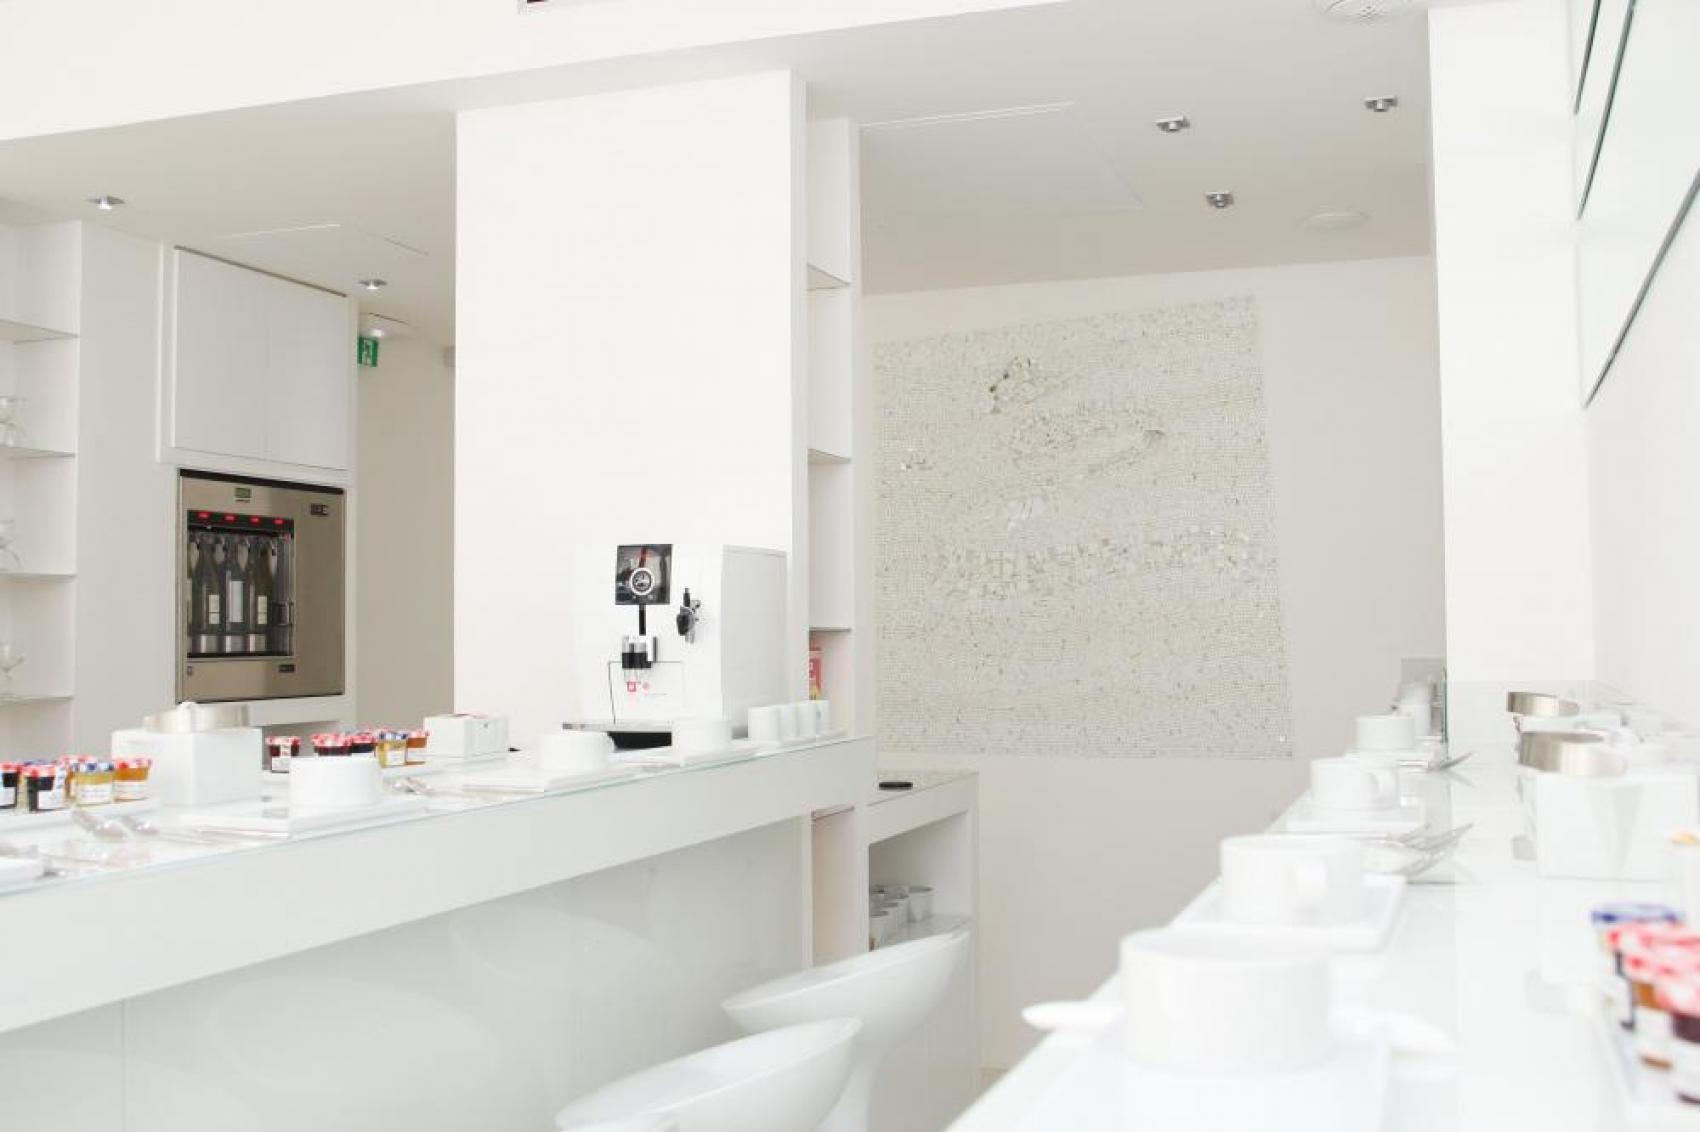 Mobilier Urbain Bijoux Decors Decoration Mosaique Hotel Entreprises